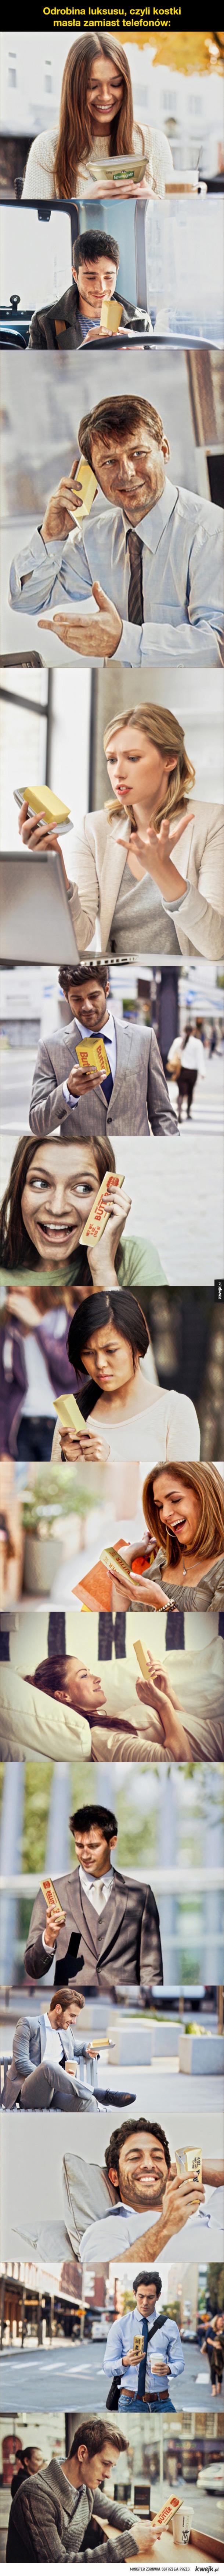 Mistrzowie Photoshopa kontra masło